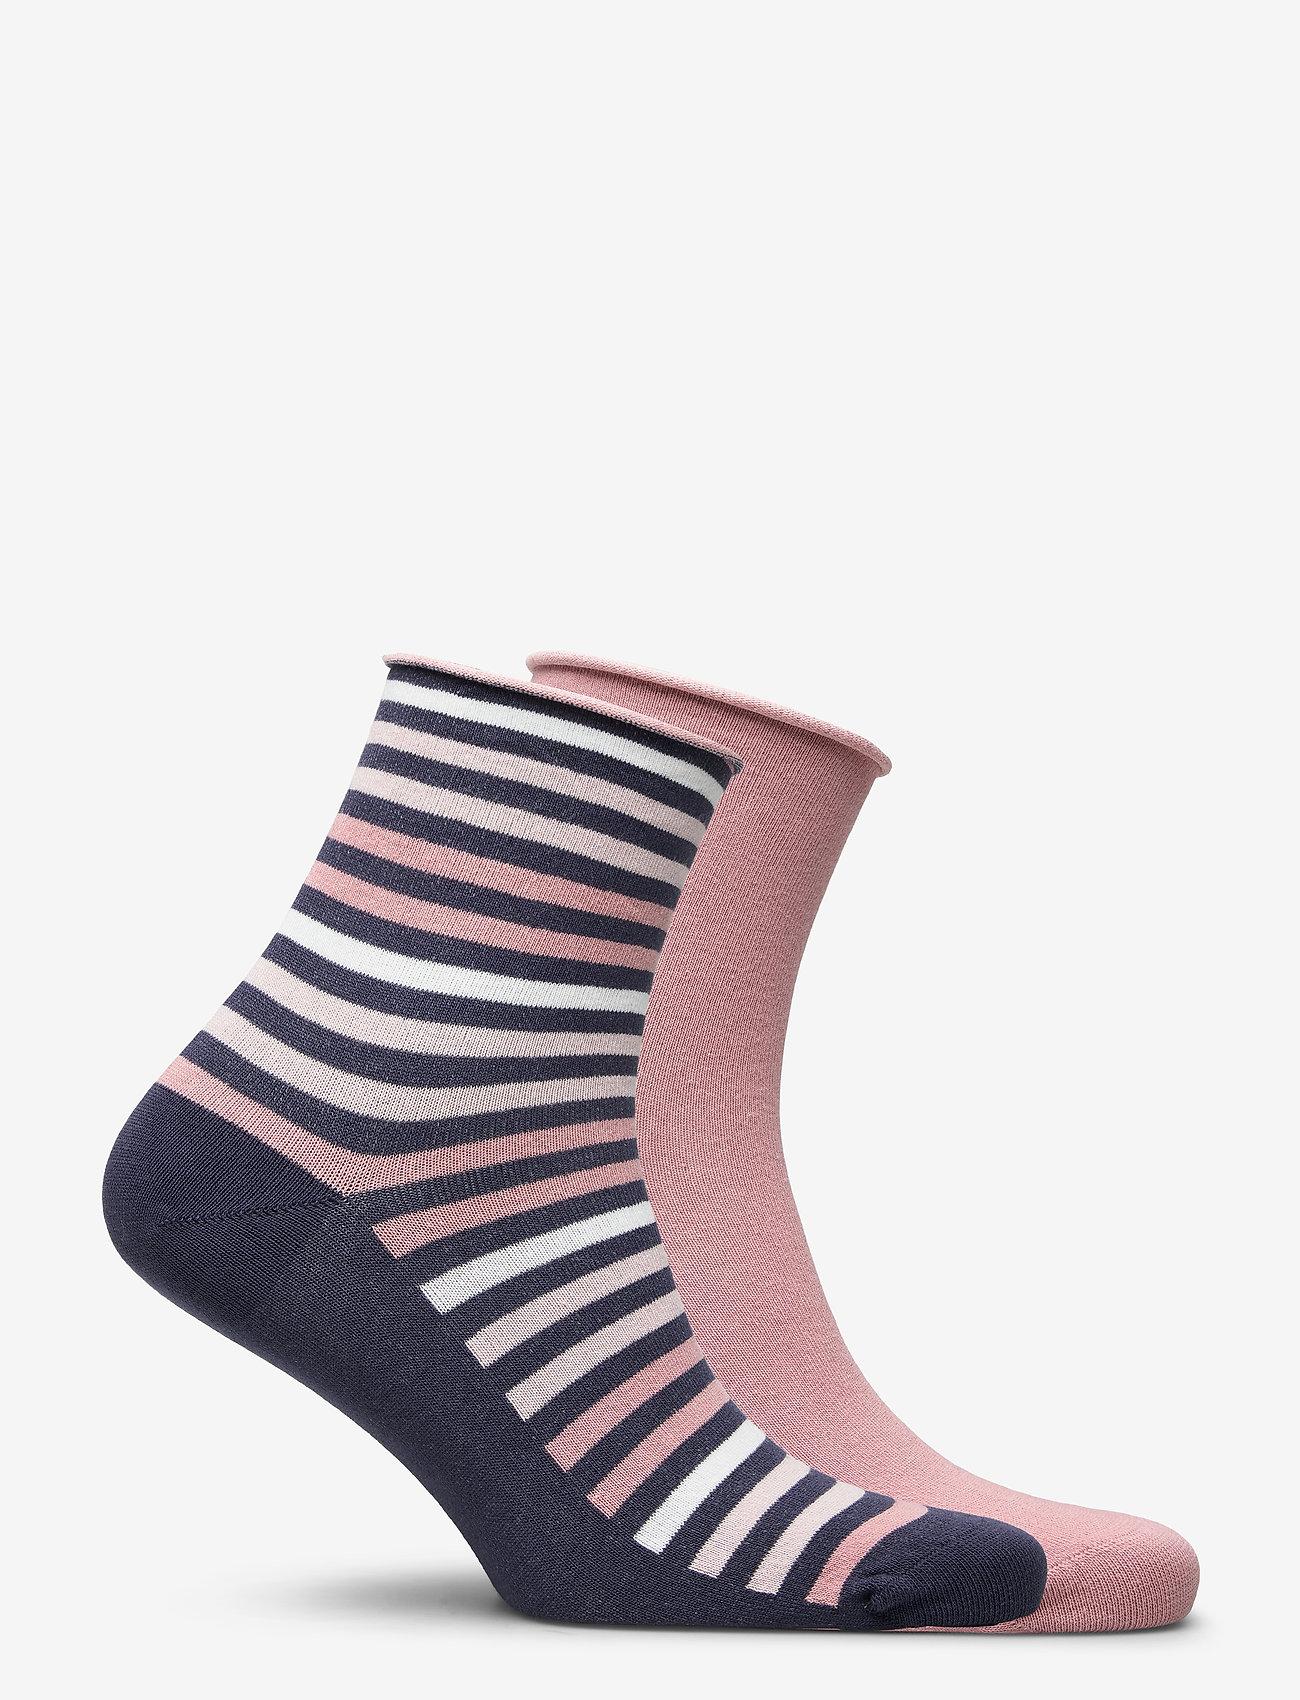 Vogue - Ladies anklesock, Renee Socks, 2-pack - sneakersokken - nightshadow - 1